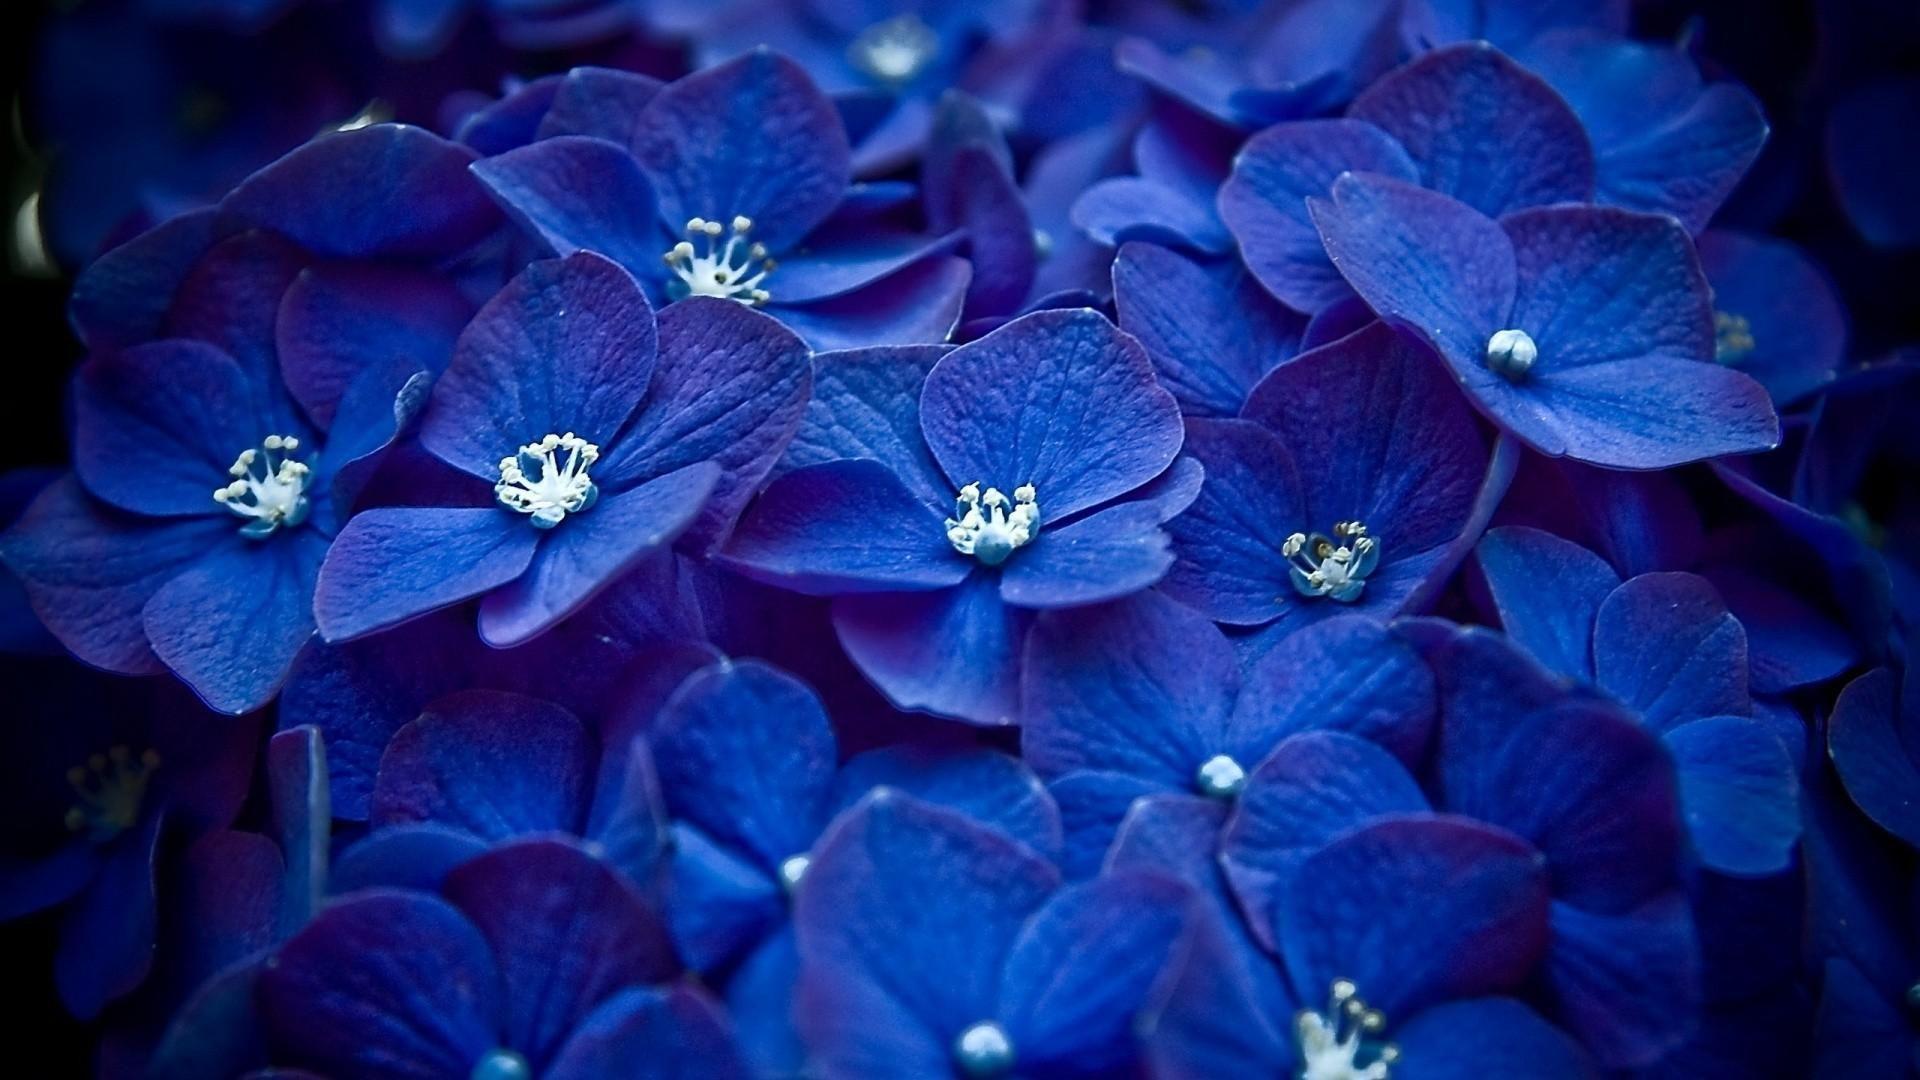 Blue hydrangea Flowers Hydrangea HD Wallpapers. Download